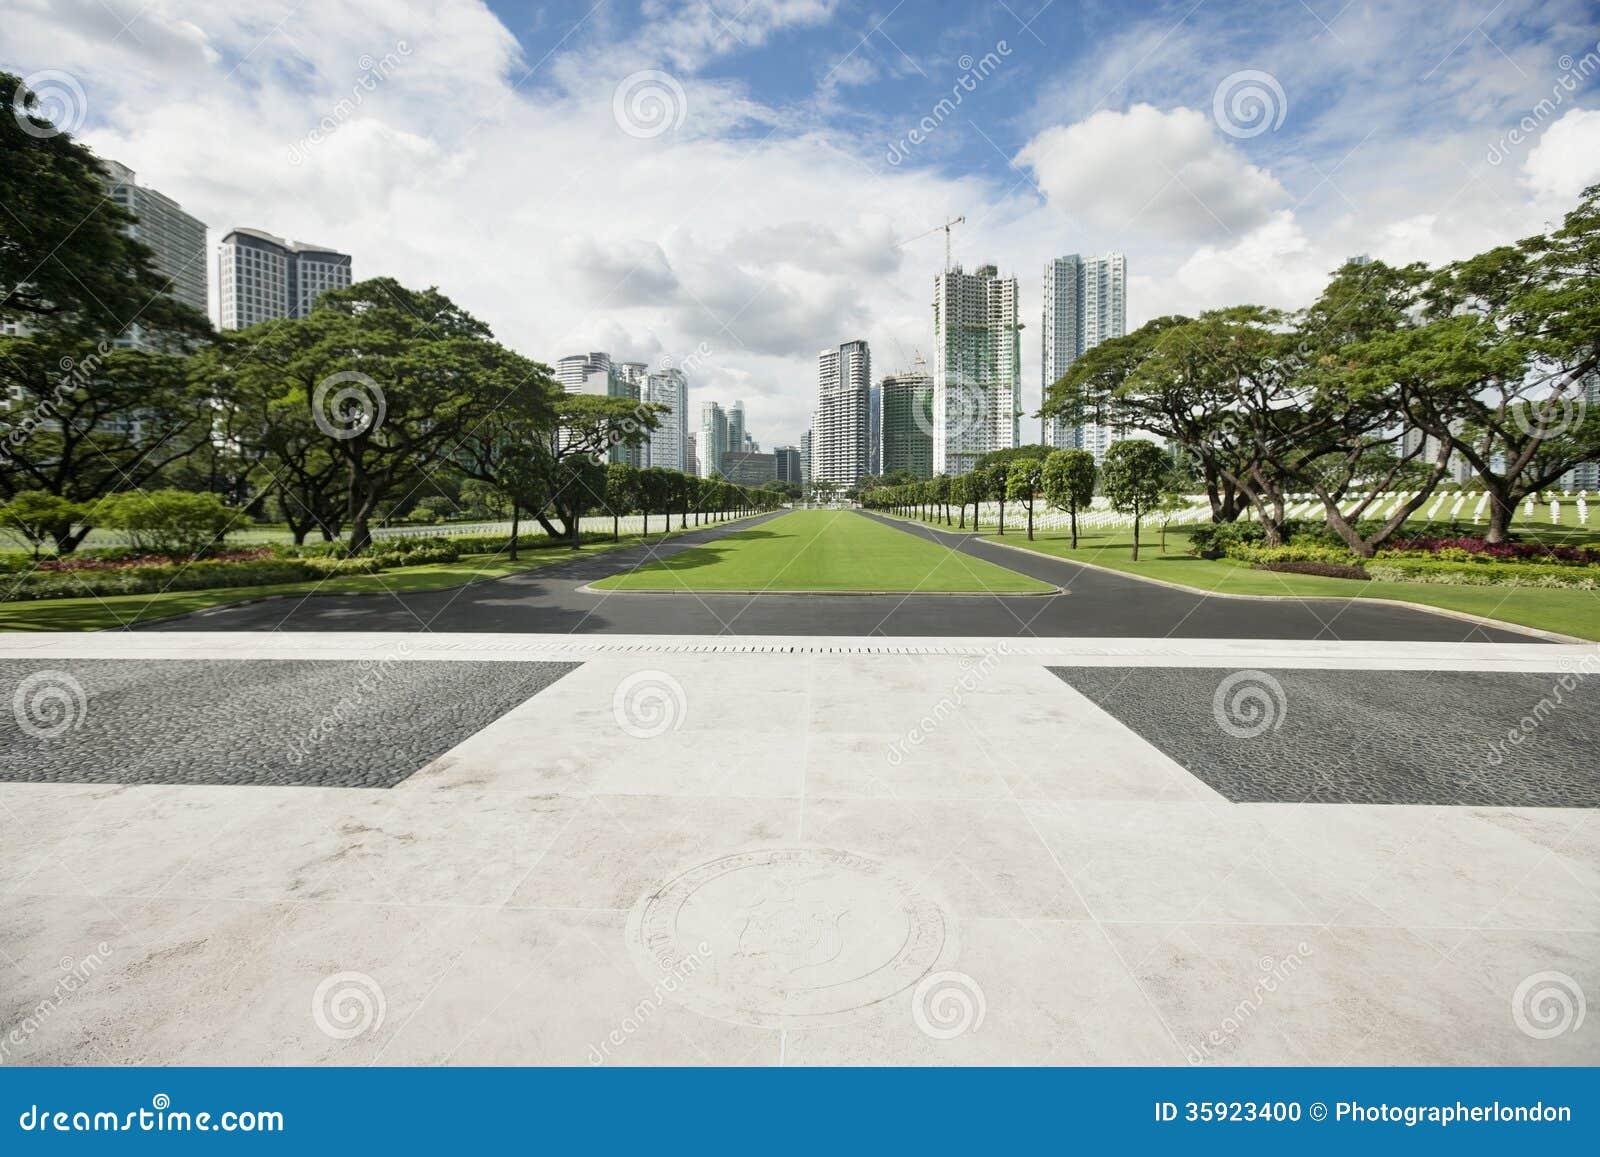 Manila amerikansk kyrkogård och minnesmärke med cityscape, Manila, Filippinerna